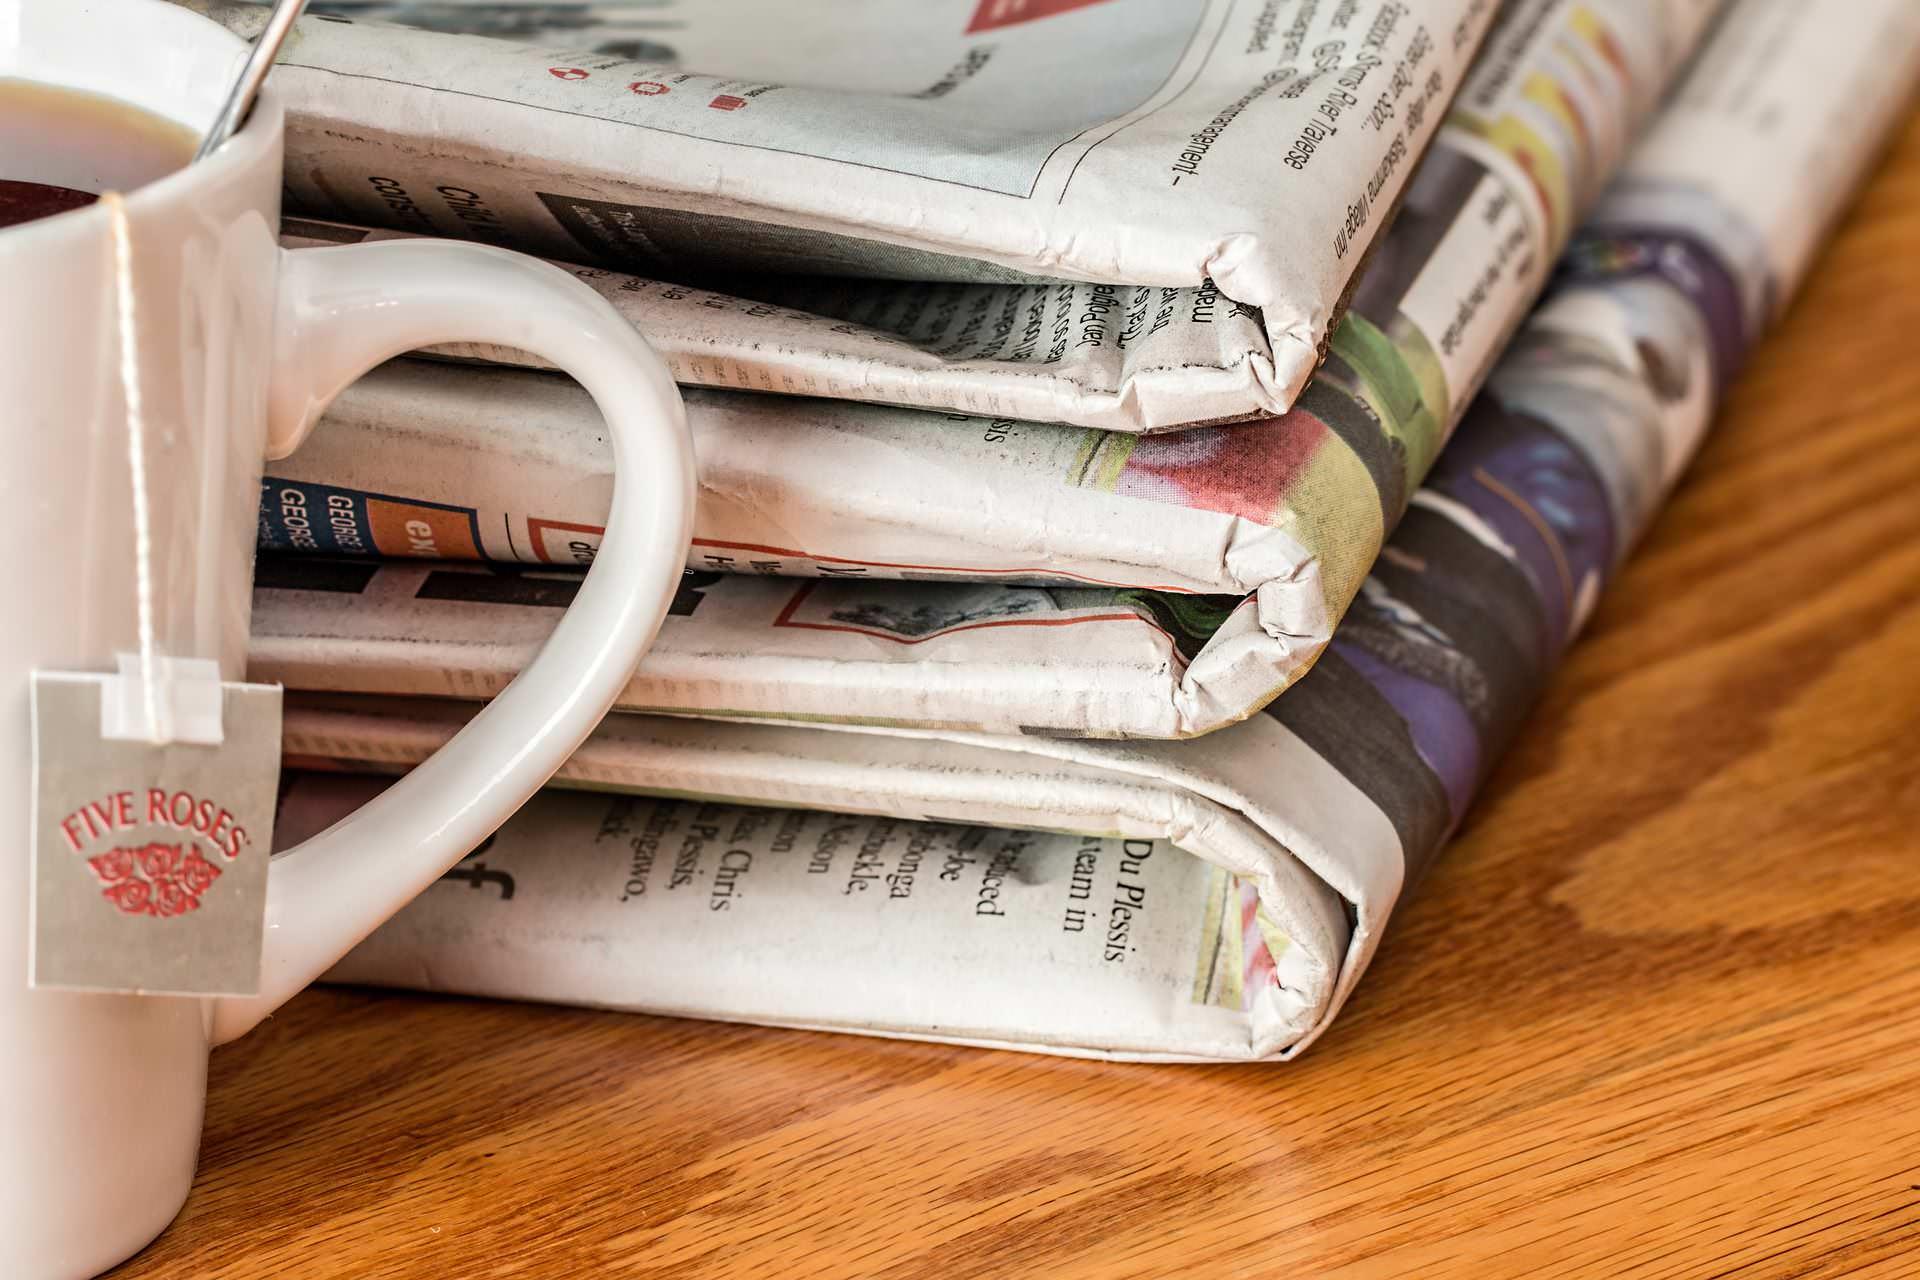 Zeitungs-Anzeige in Freiburg, Waldkirch, Emmendingen, Donaueschingen, Staufen und Titisee-Neustadt